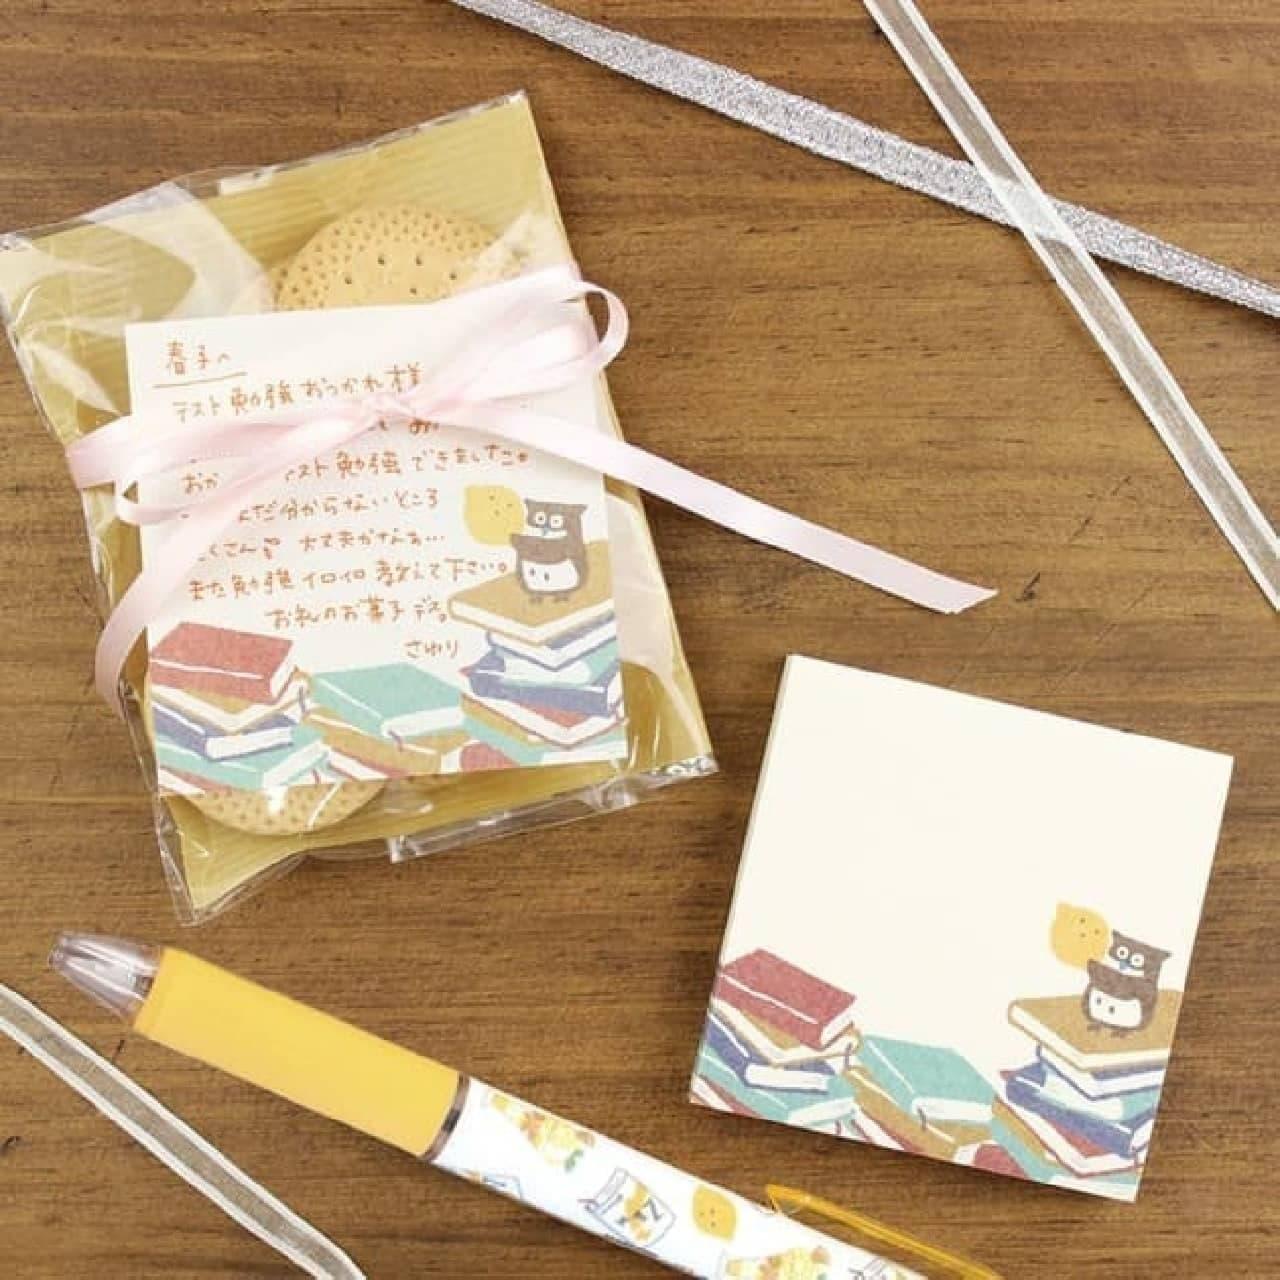 丸善ジュンク堂書店×古川紙工「檸檬書店」第3弾 -- 美濃和紙製メモ帳など